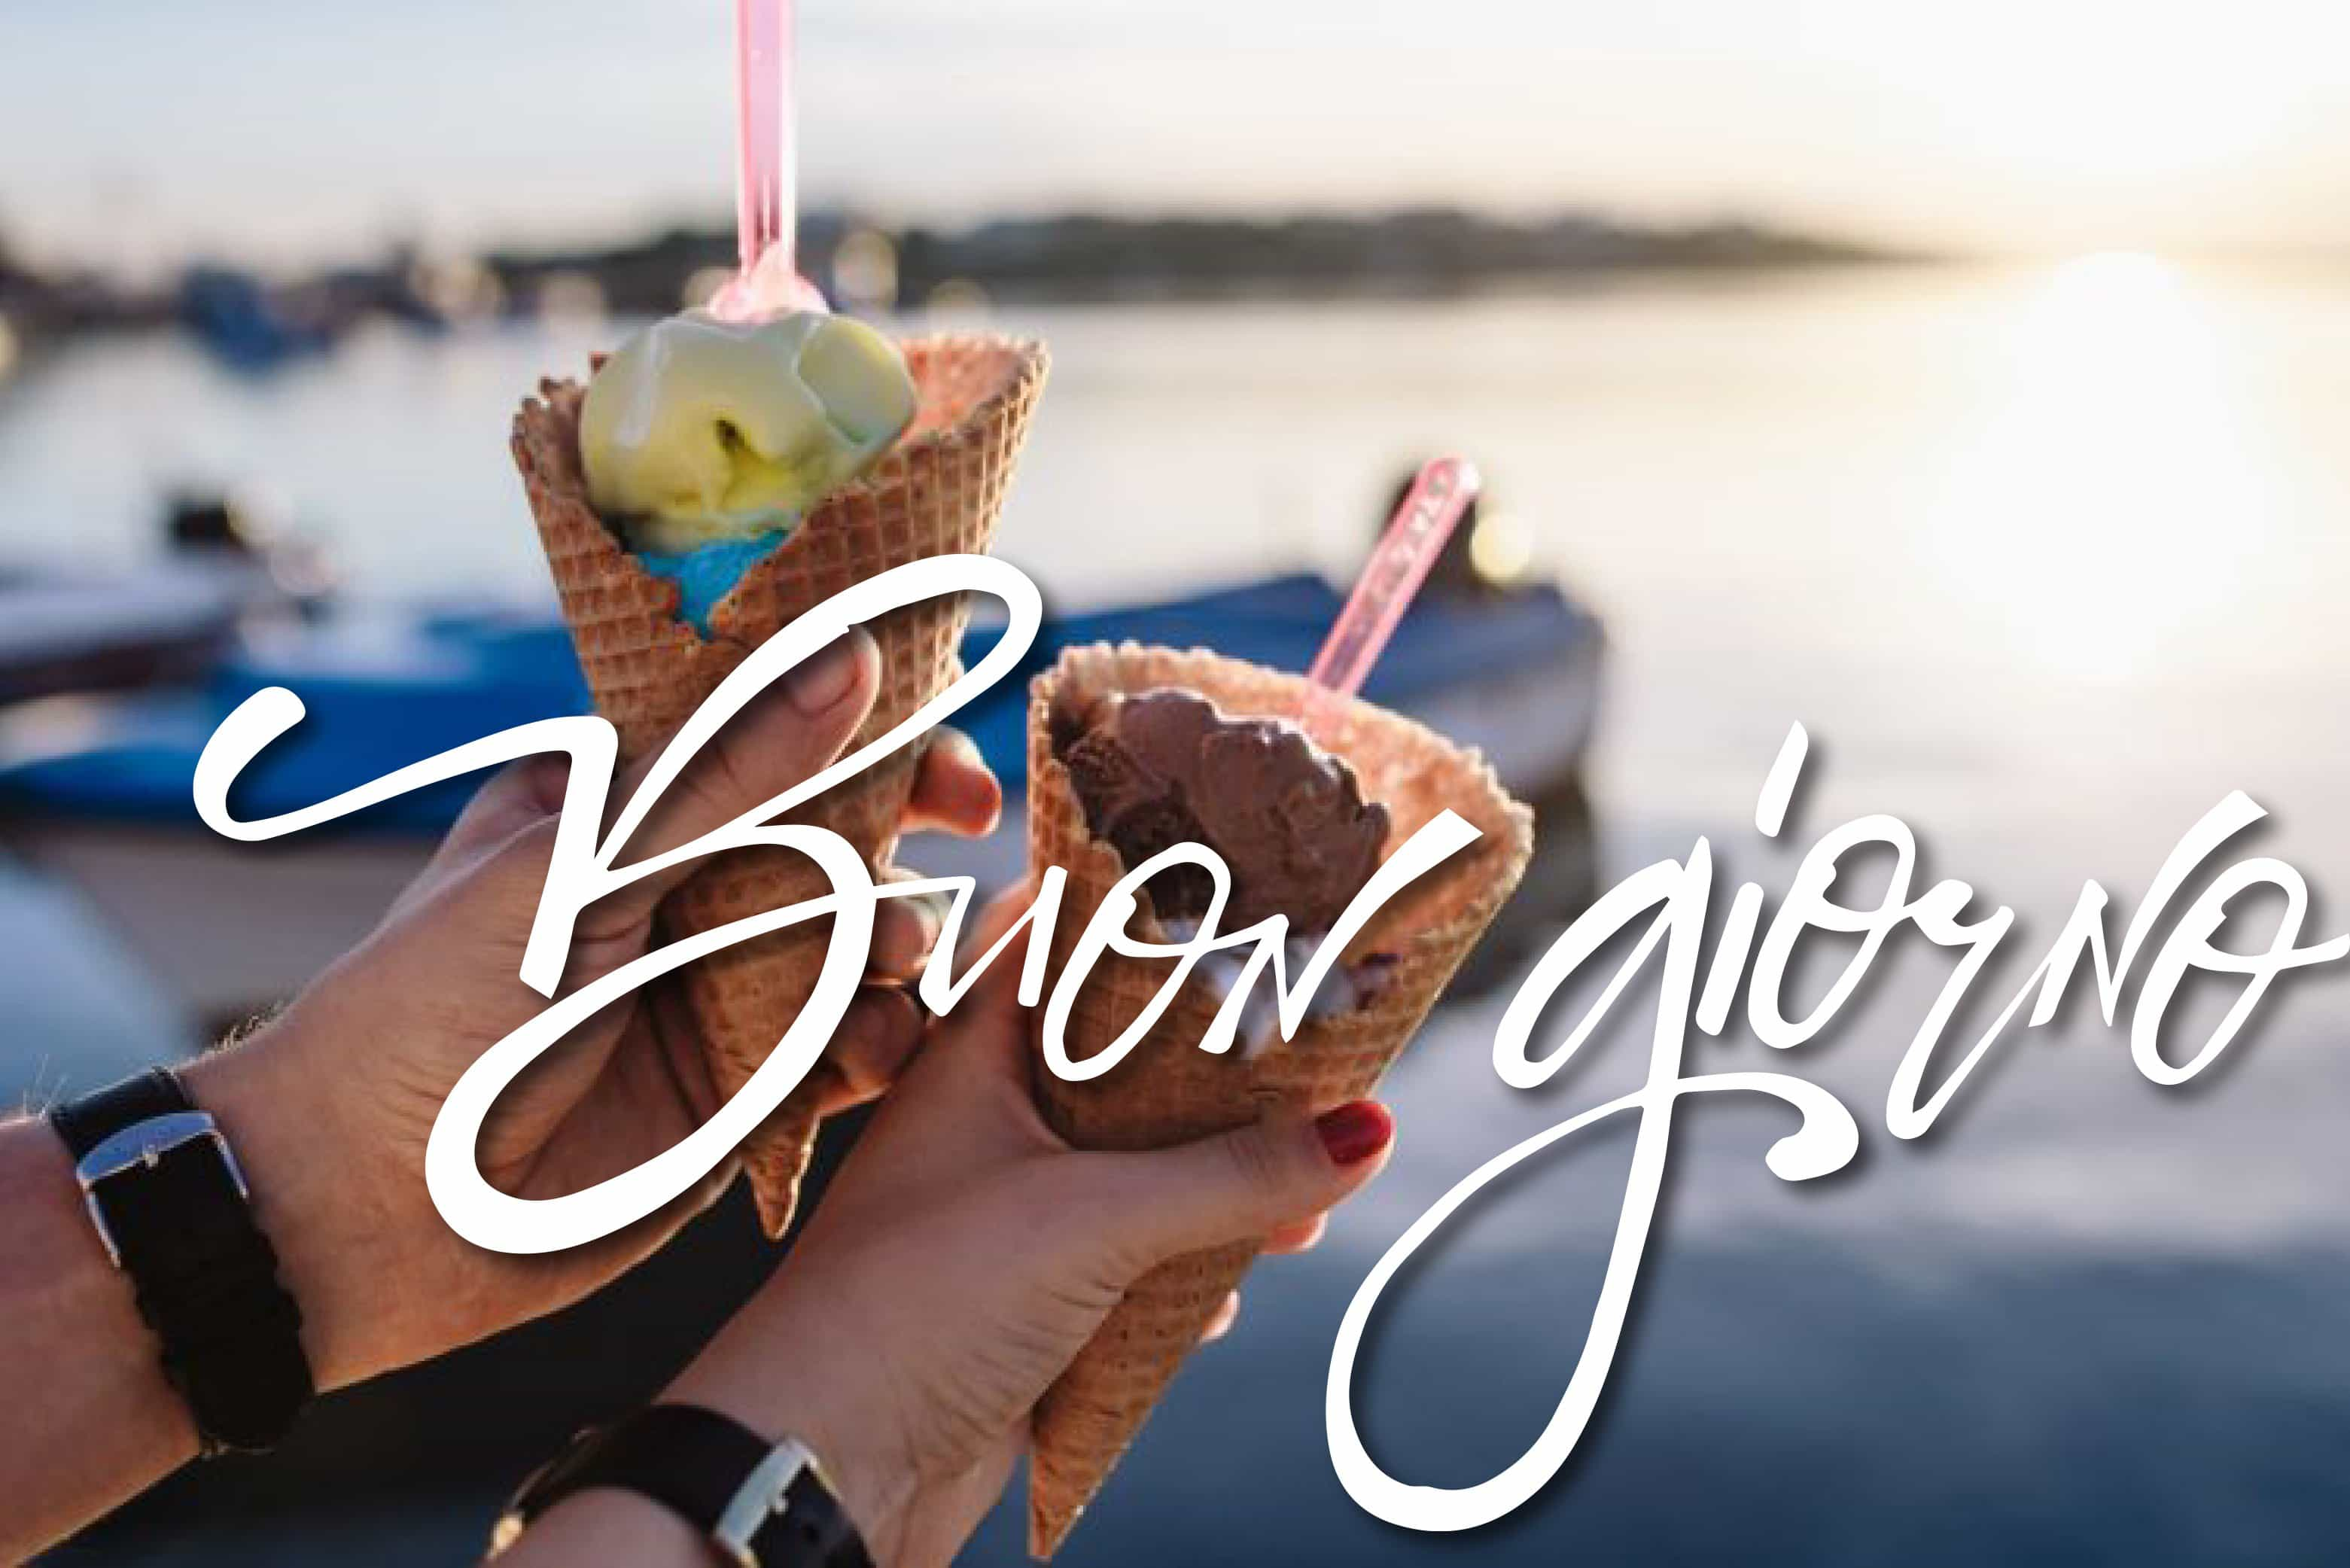 Buongiorno e buon gelato - scarica gratis ora!